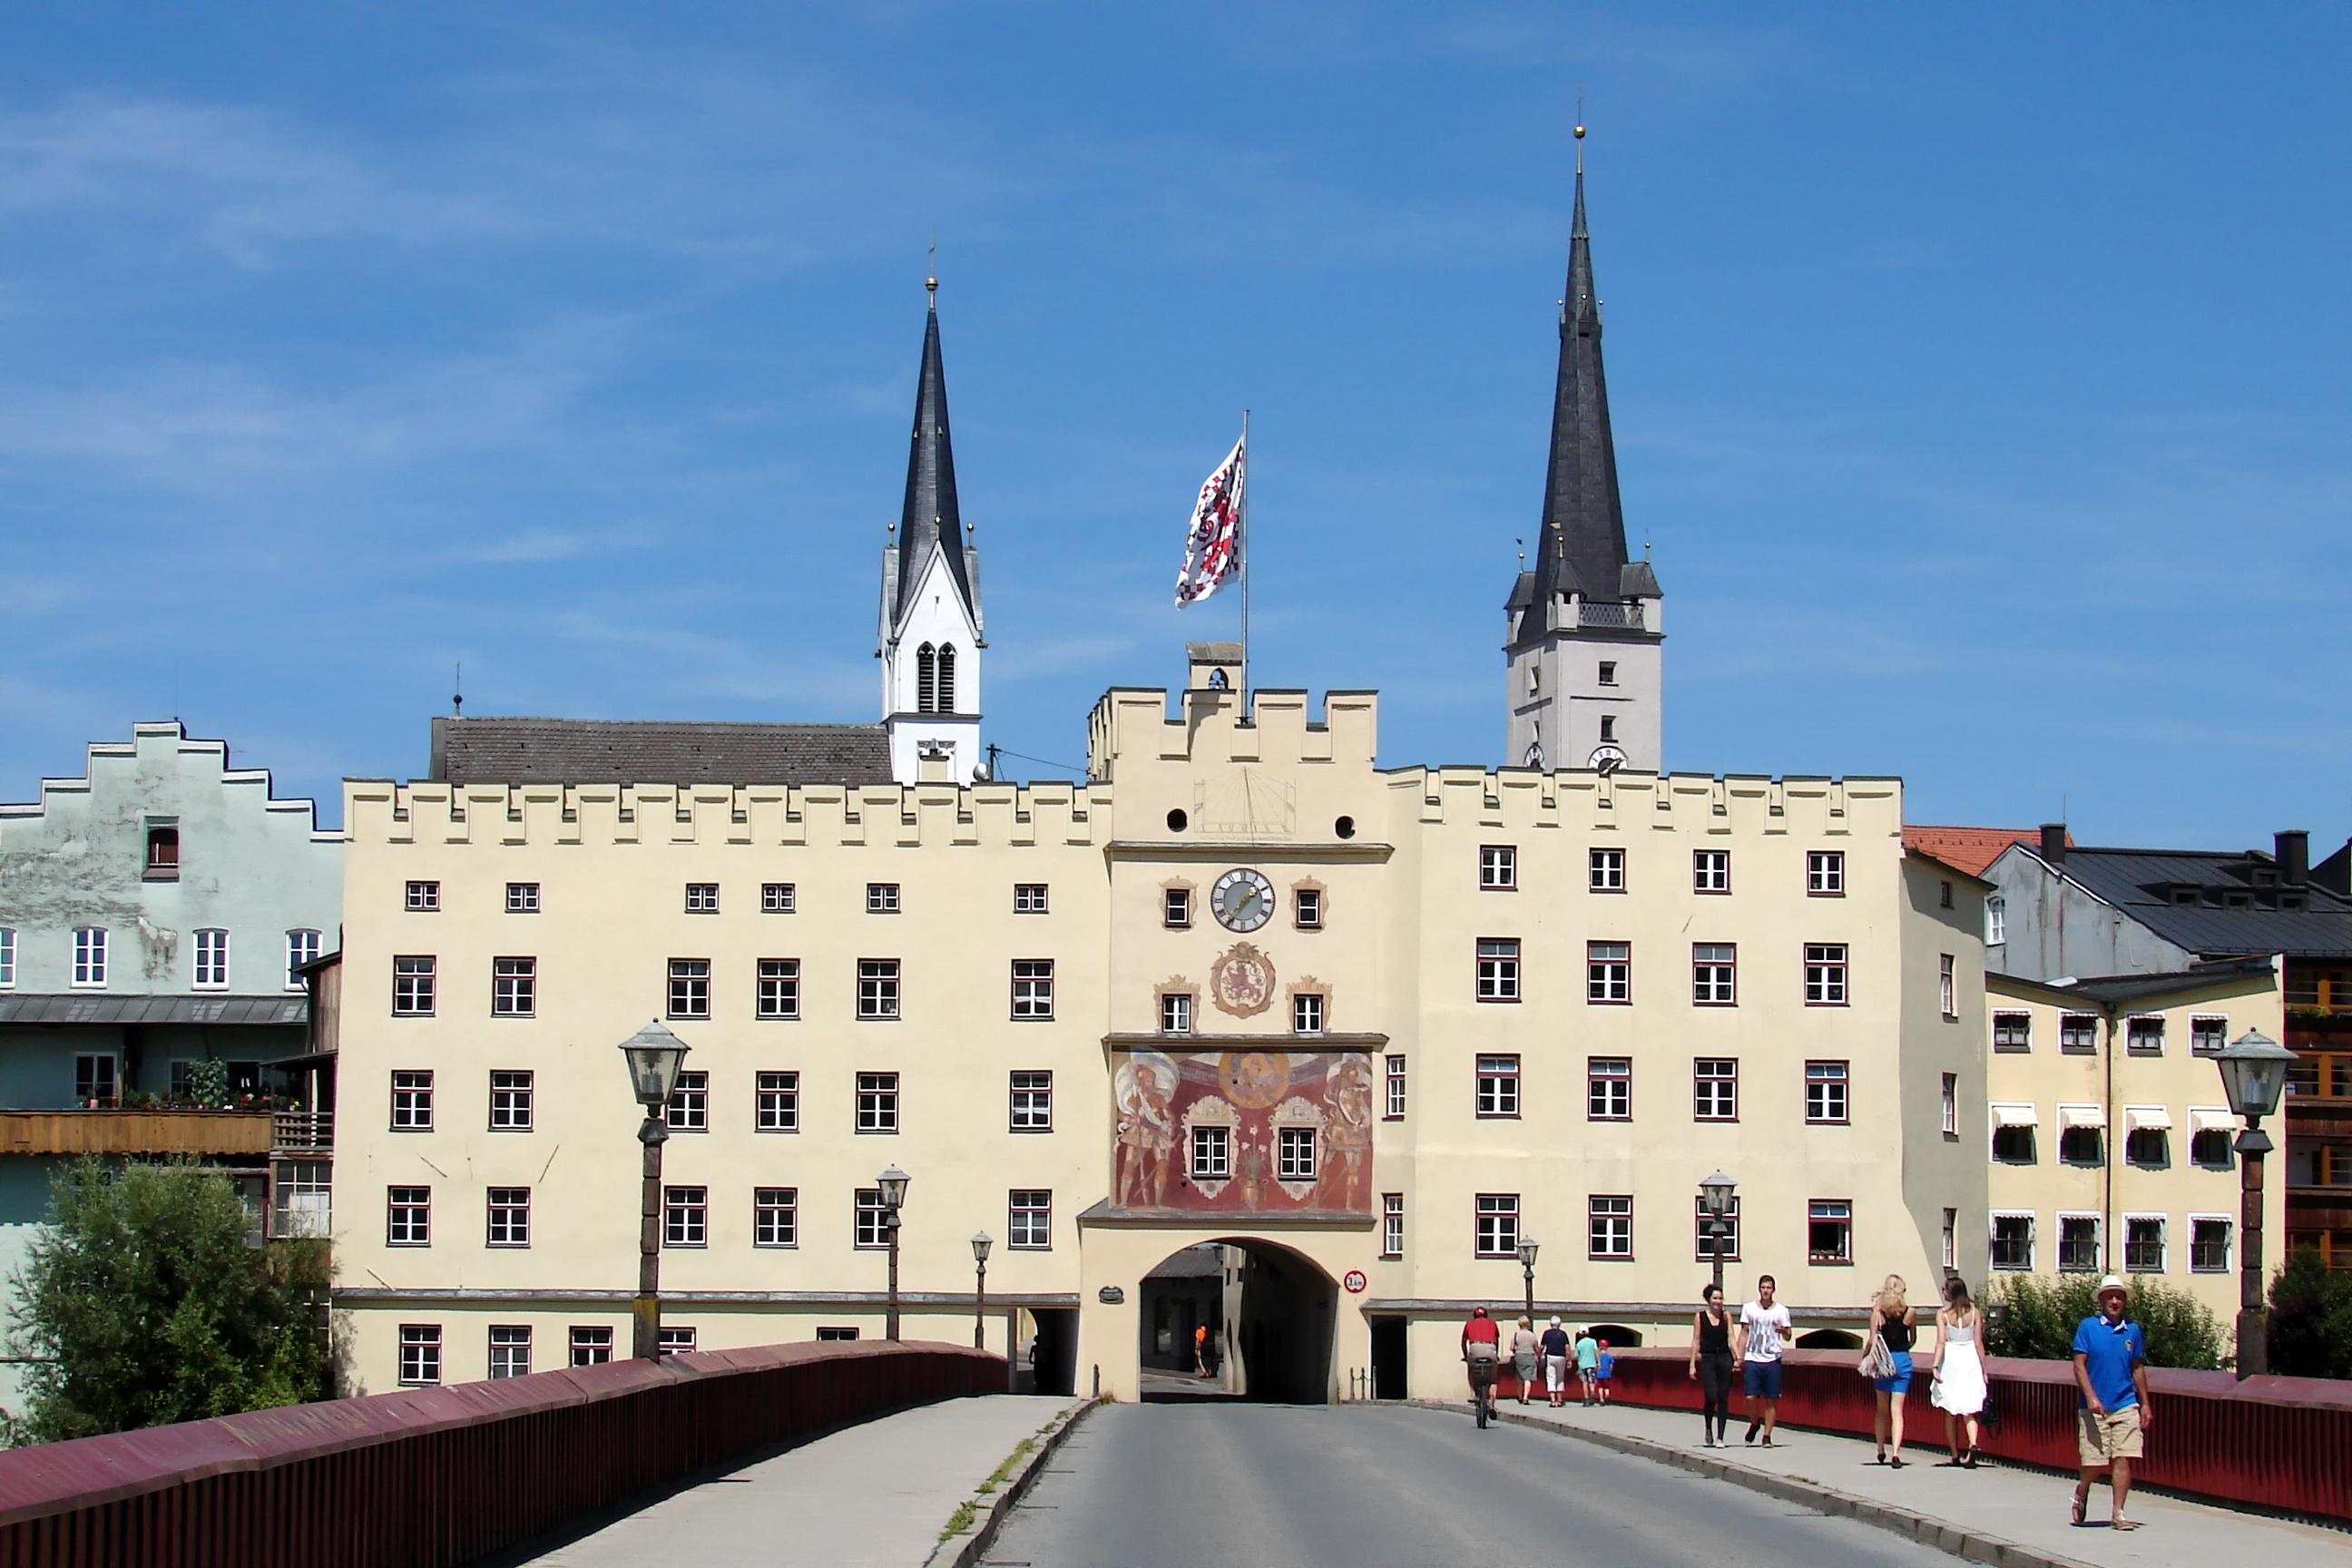 Single wasserburg am inn Wasserburg am Inn: Singles, Chat, neue Leute und Partnersuche - % kostenlos anmelden